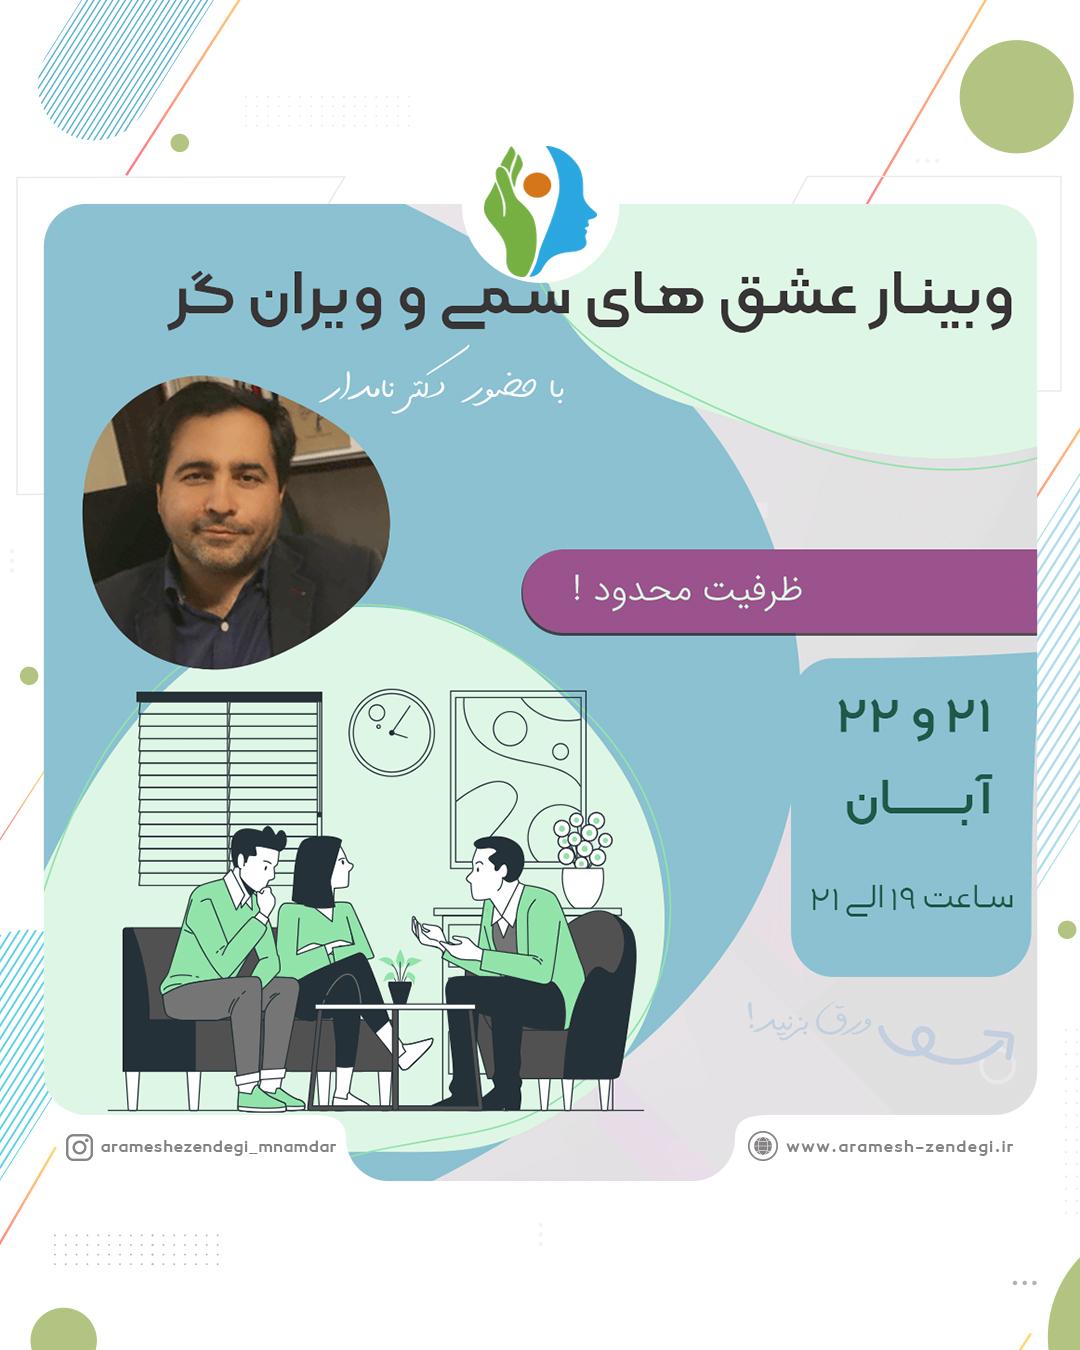 وبینار آموزشی دکتر مهرداد نامدار عشق های سمی